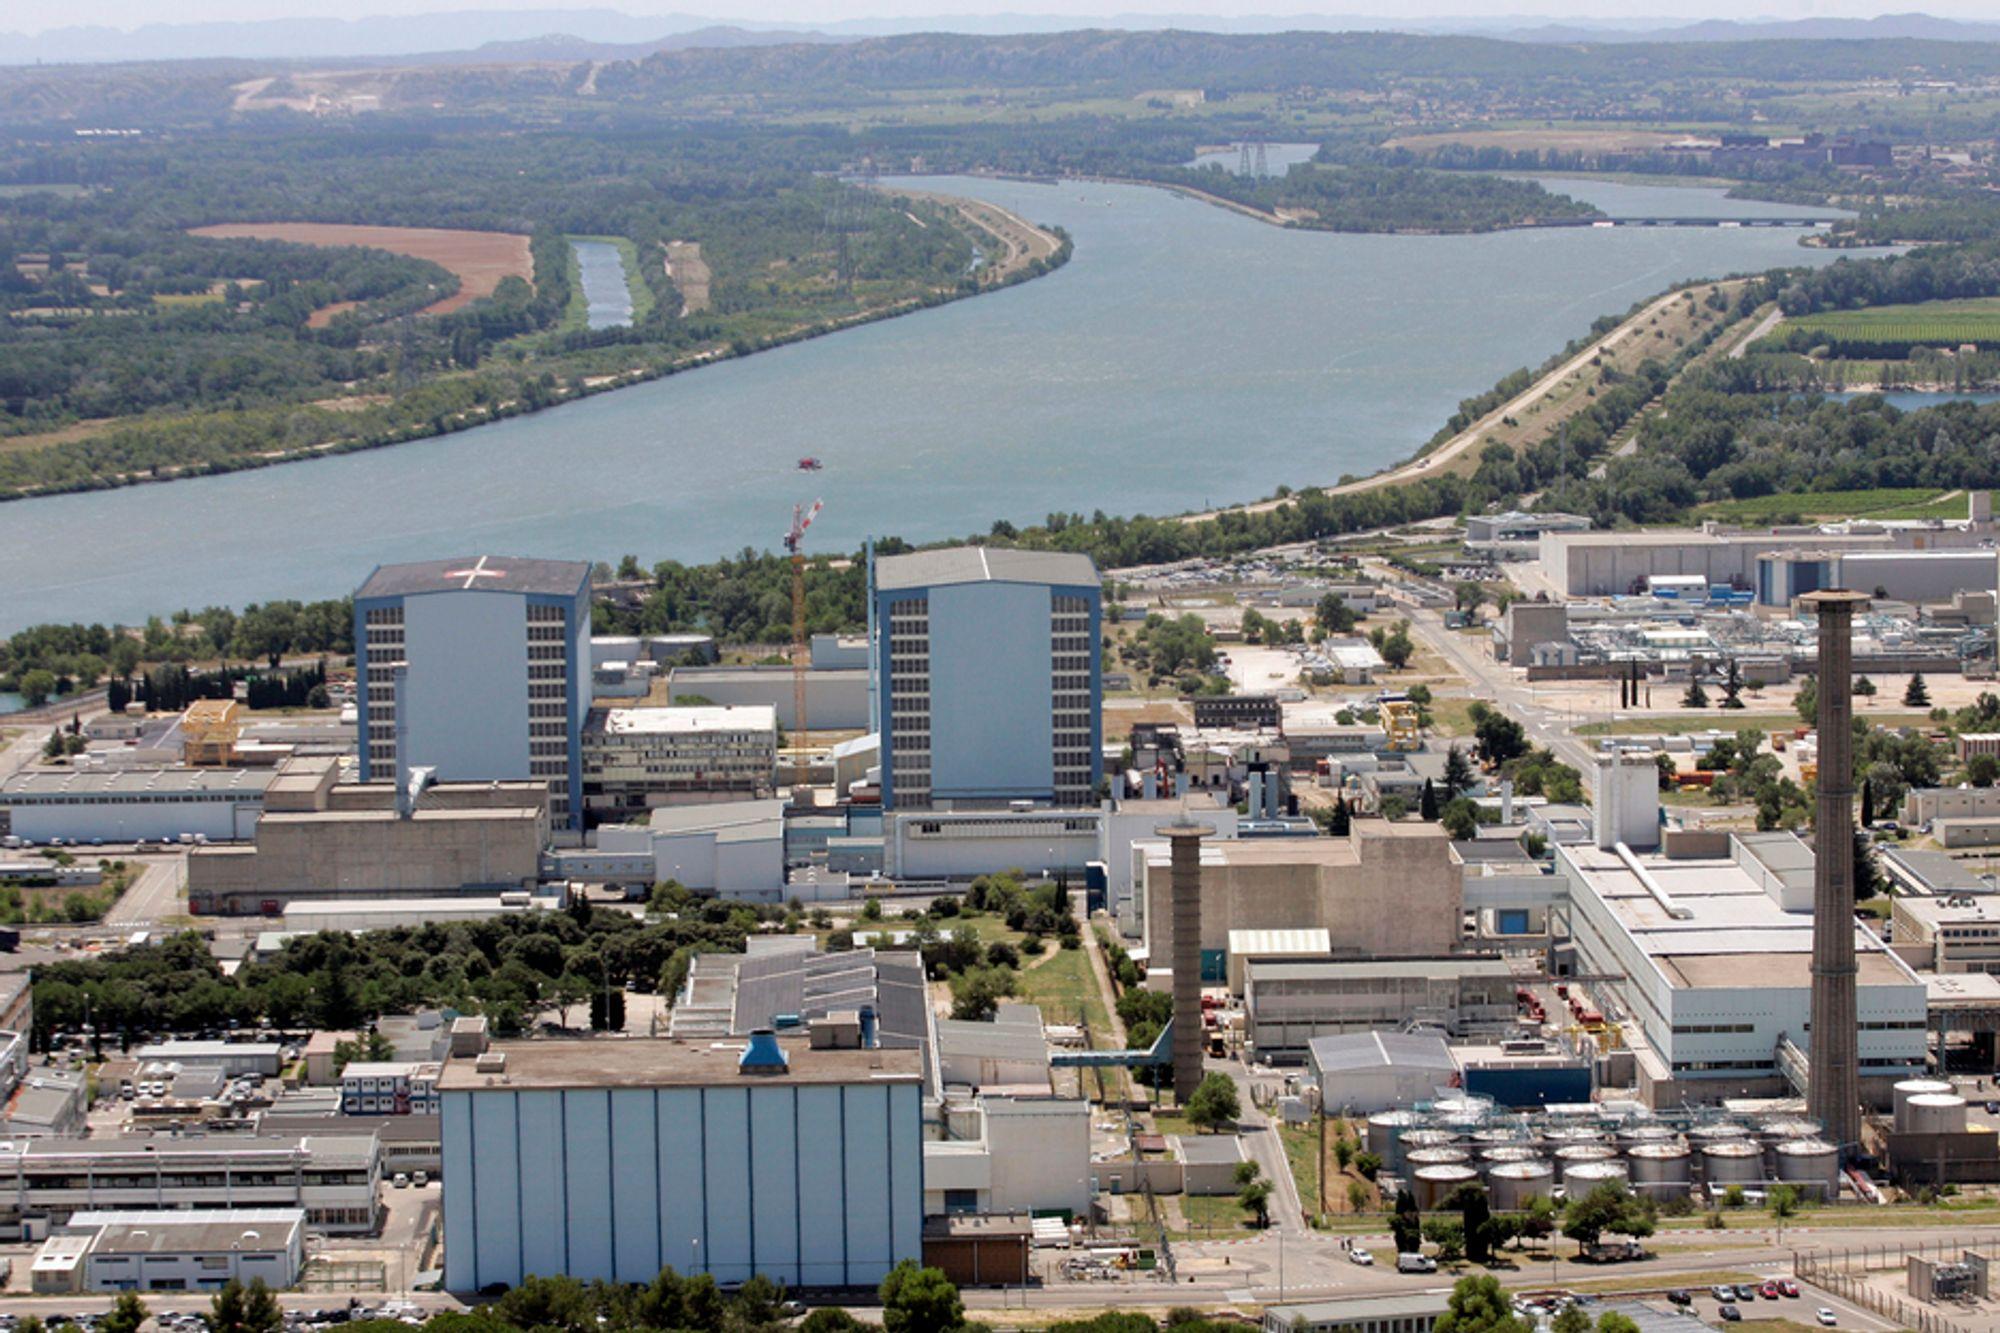 ULYKKE: På mandag mistet en person  livet og fire ble hard skadd i en eksplosjon ved et atomanlegg i Marcoule i Sør-Frankrike.